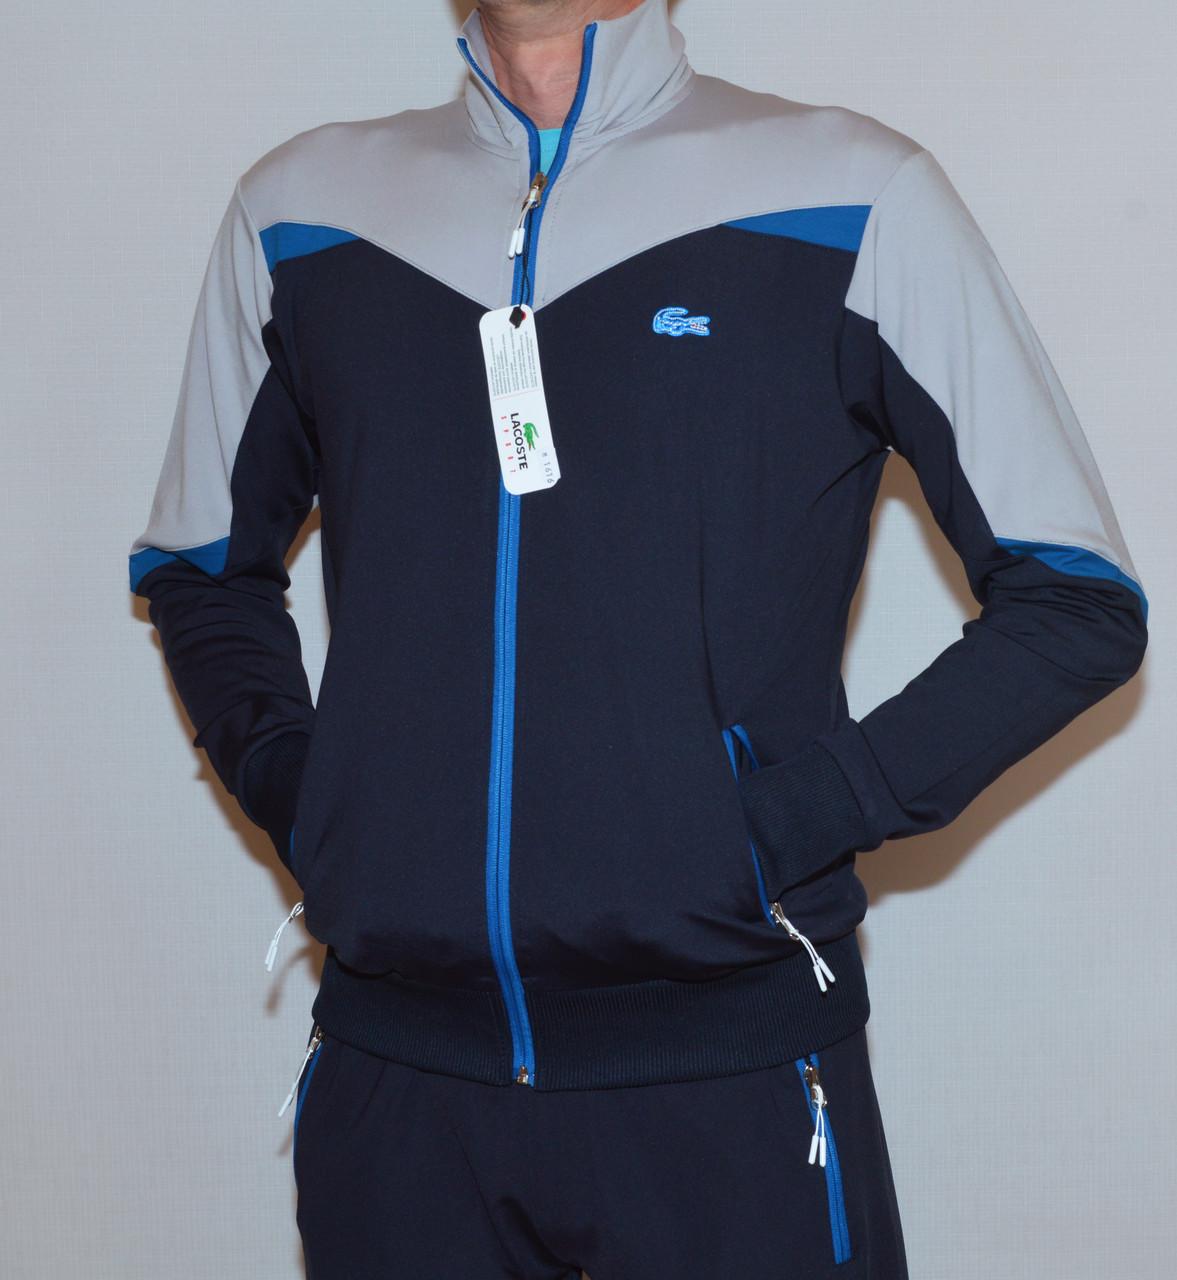 11e160b5 Спортивный костюм lacoste мужской (XL) (копия) в Умани от компании ...